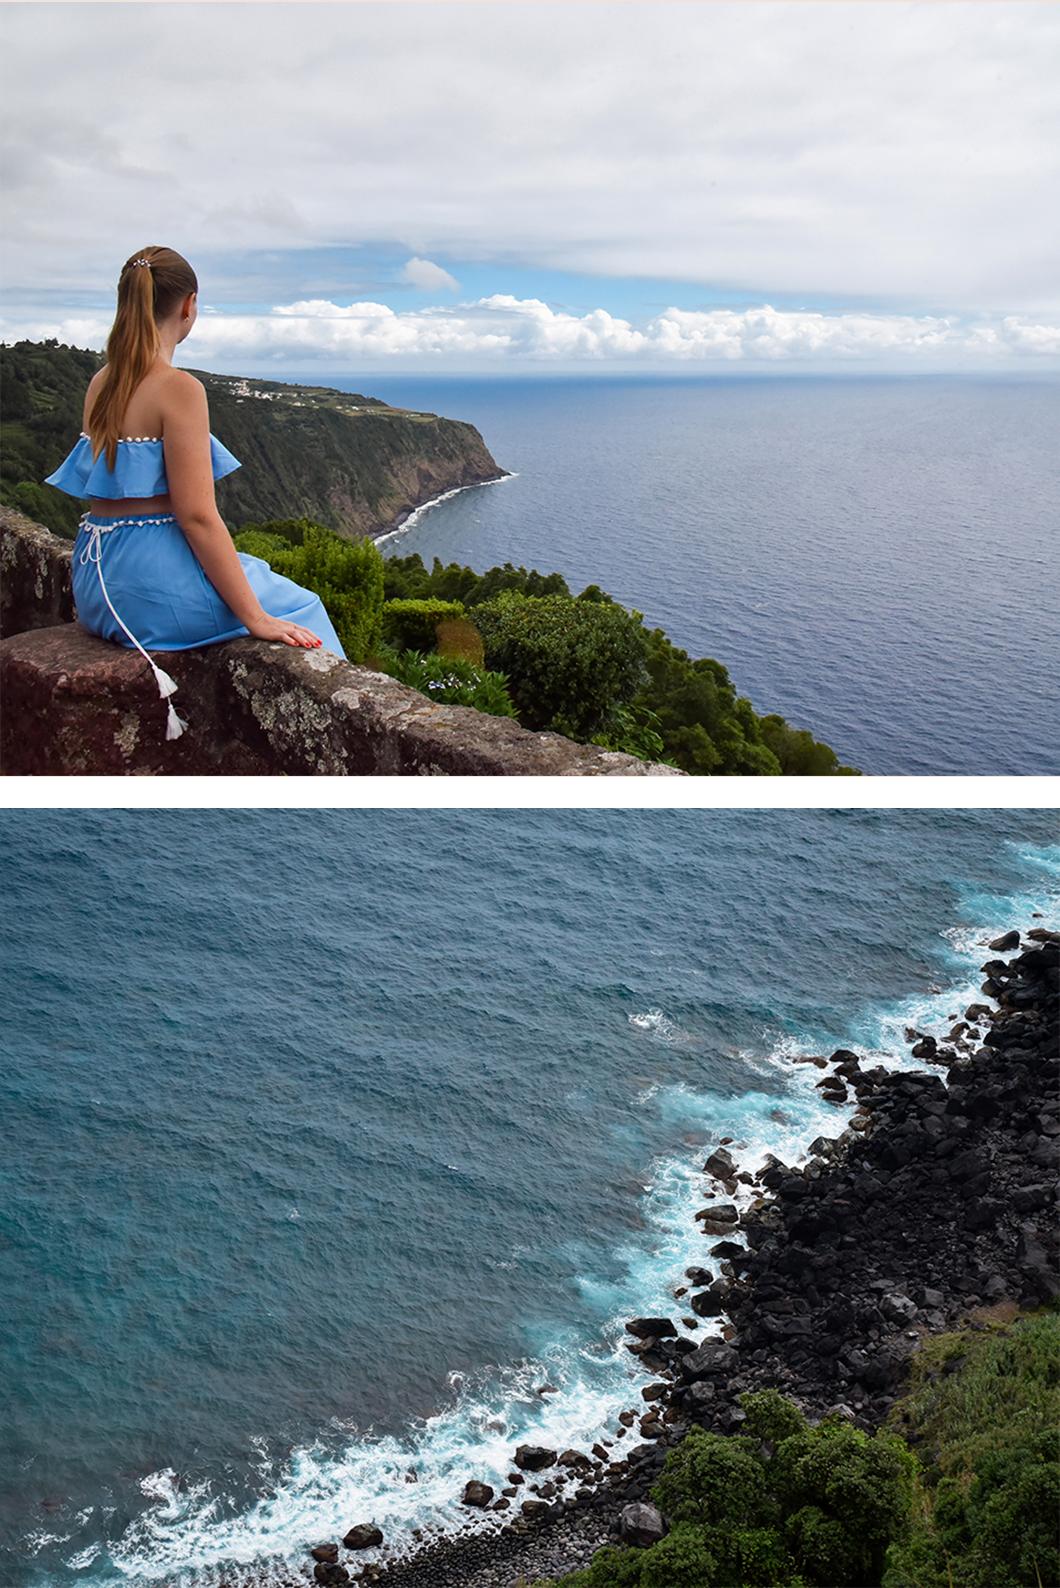 Découvrir la côte est de l'île de Sao Miguel dans les Açores